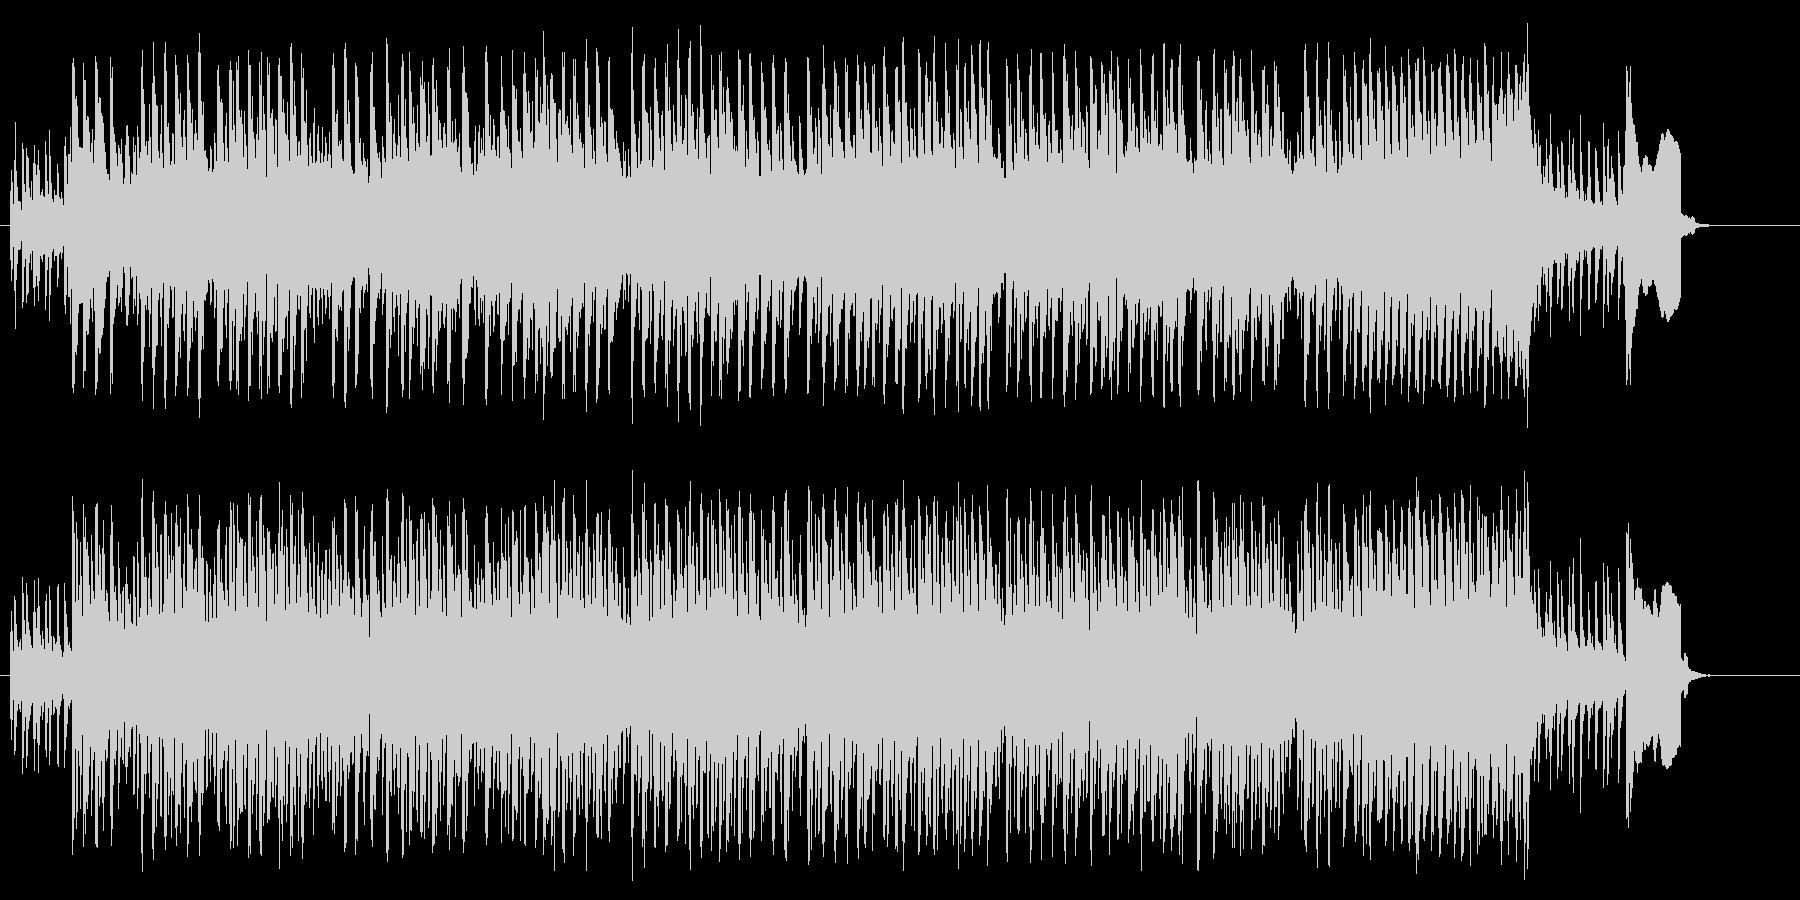 サスペンス風ドラマ/ドキュメントの未再生の波形